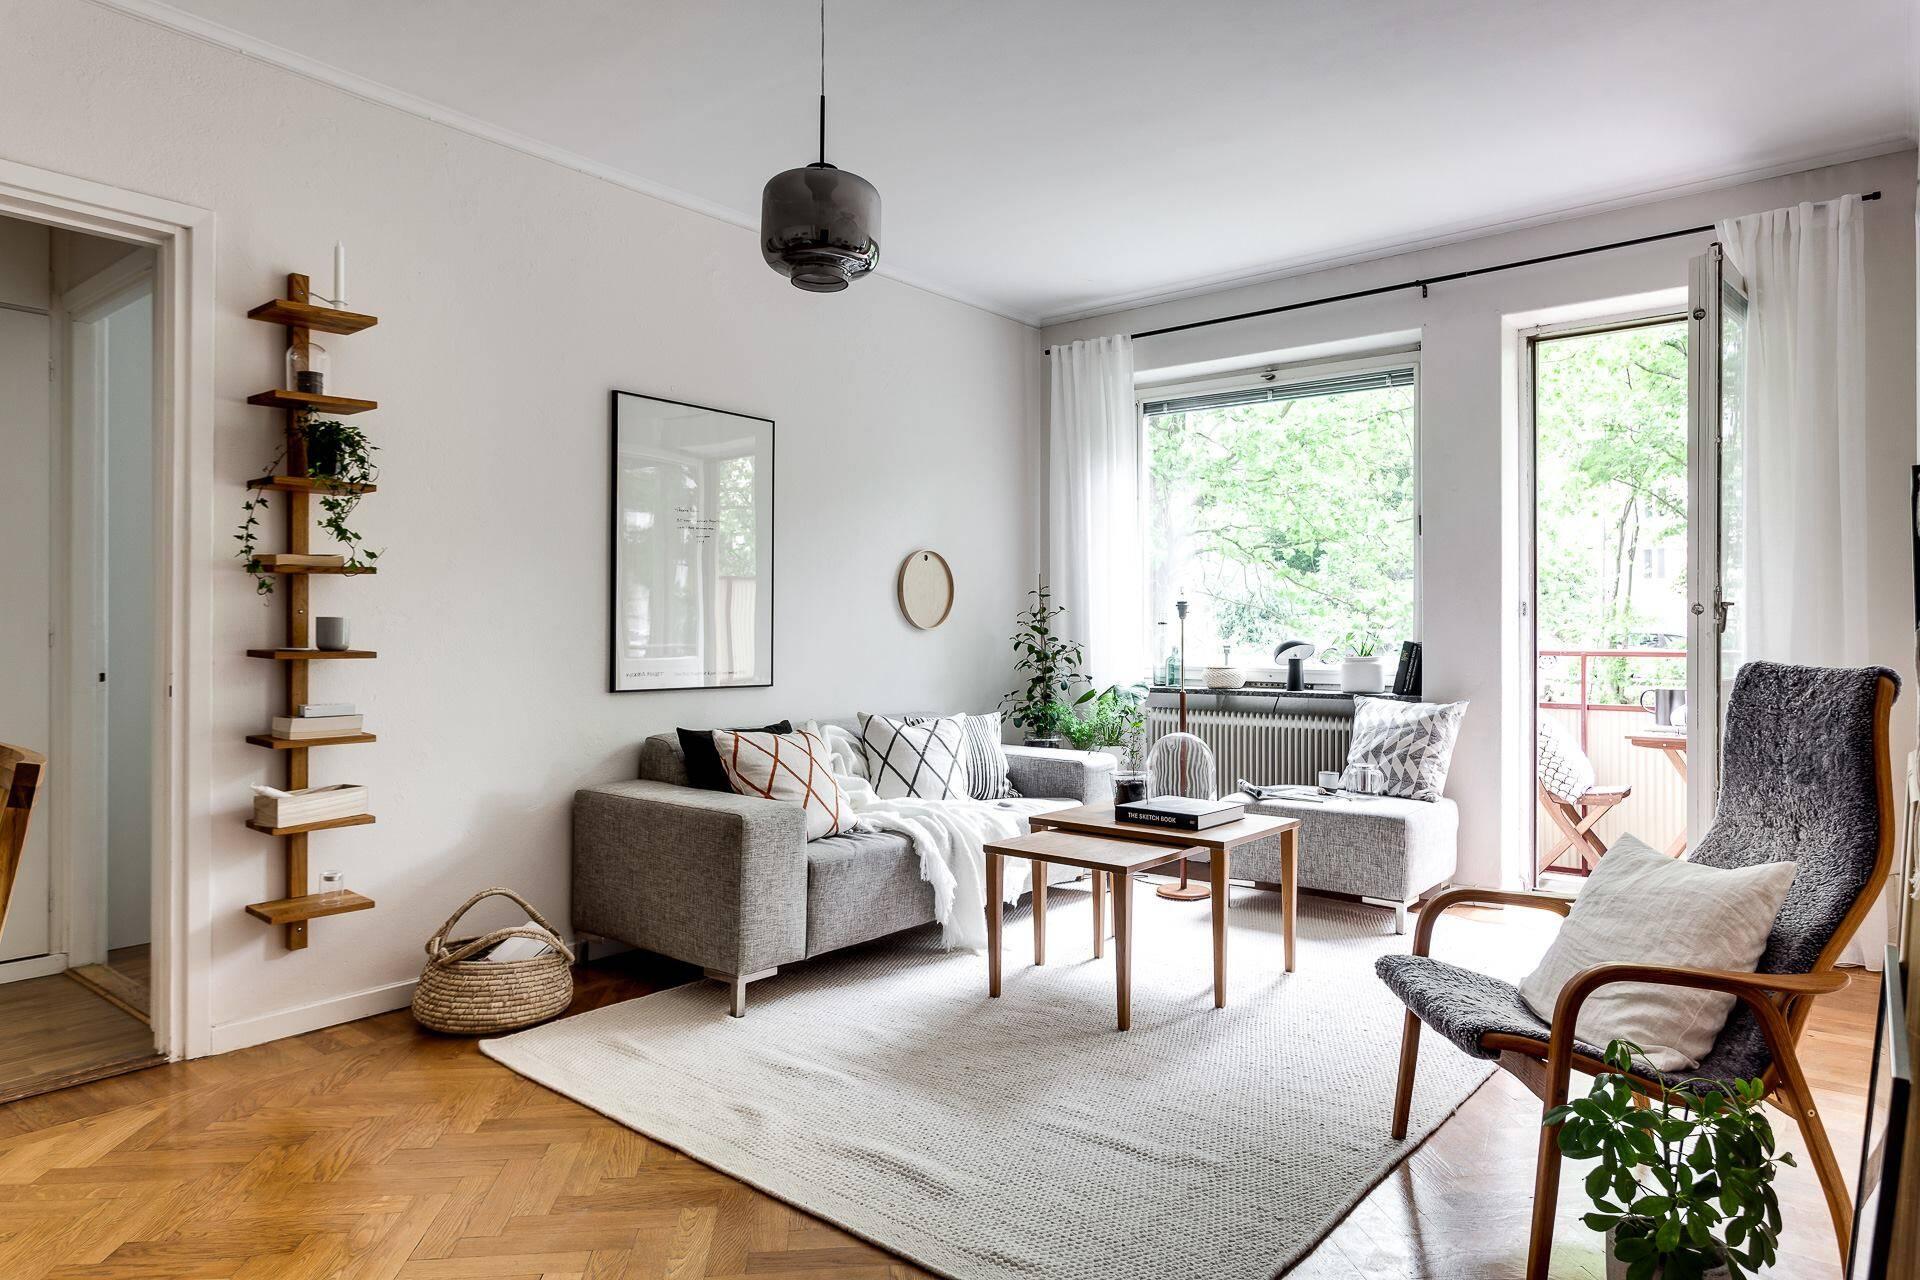 Sử dụng nội thất với tối ưu các họa thiết trong thiết kế Scandinavian